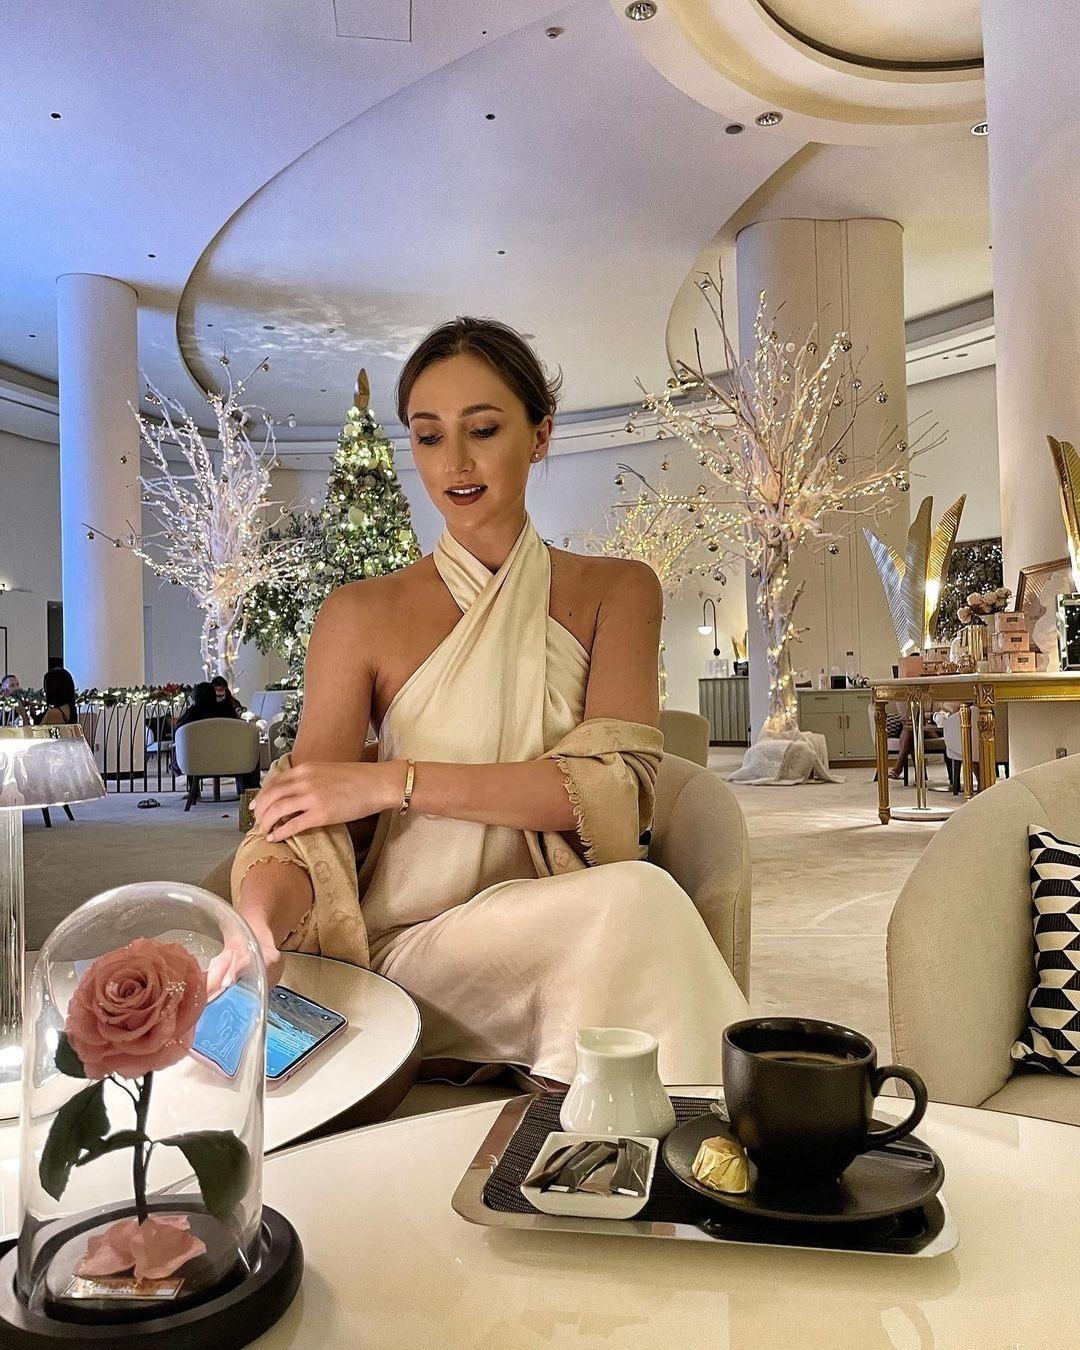 украинские звезды отдых новый год 2021 рождество отпуск путешествие анна ризатдинова дубай